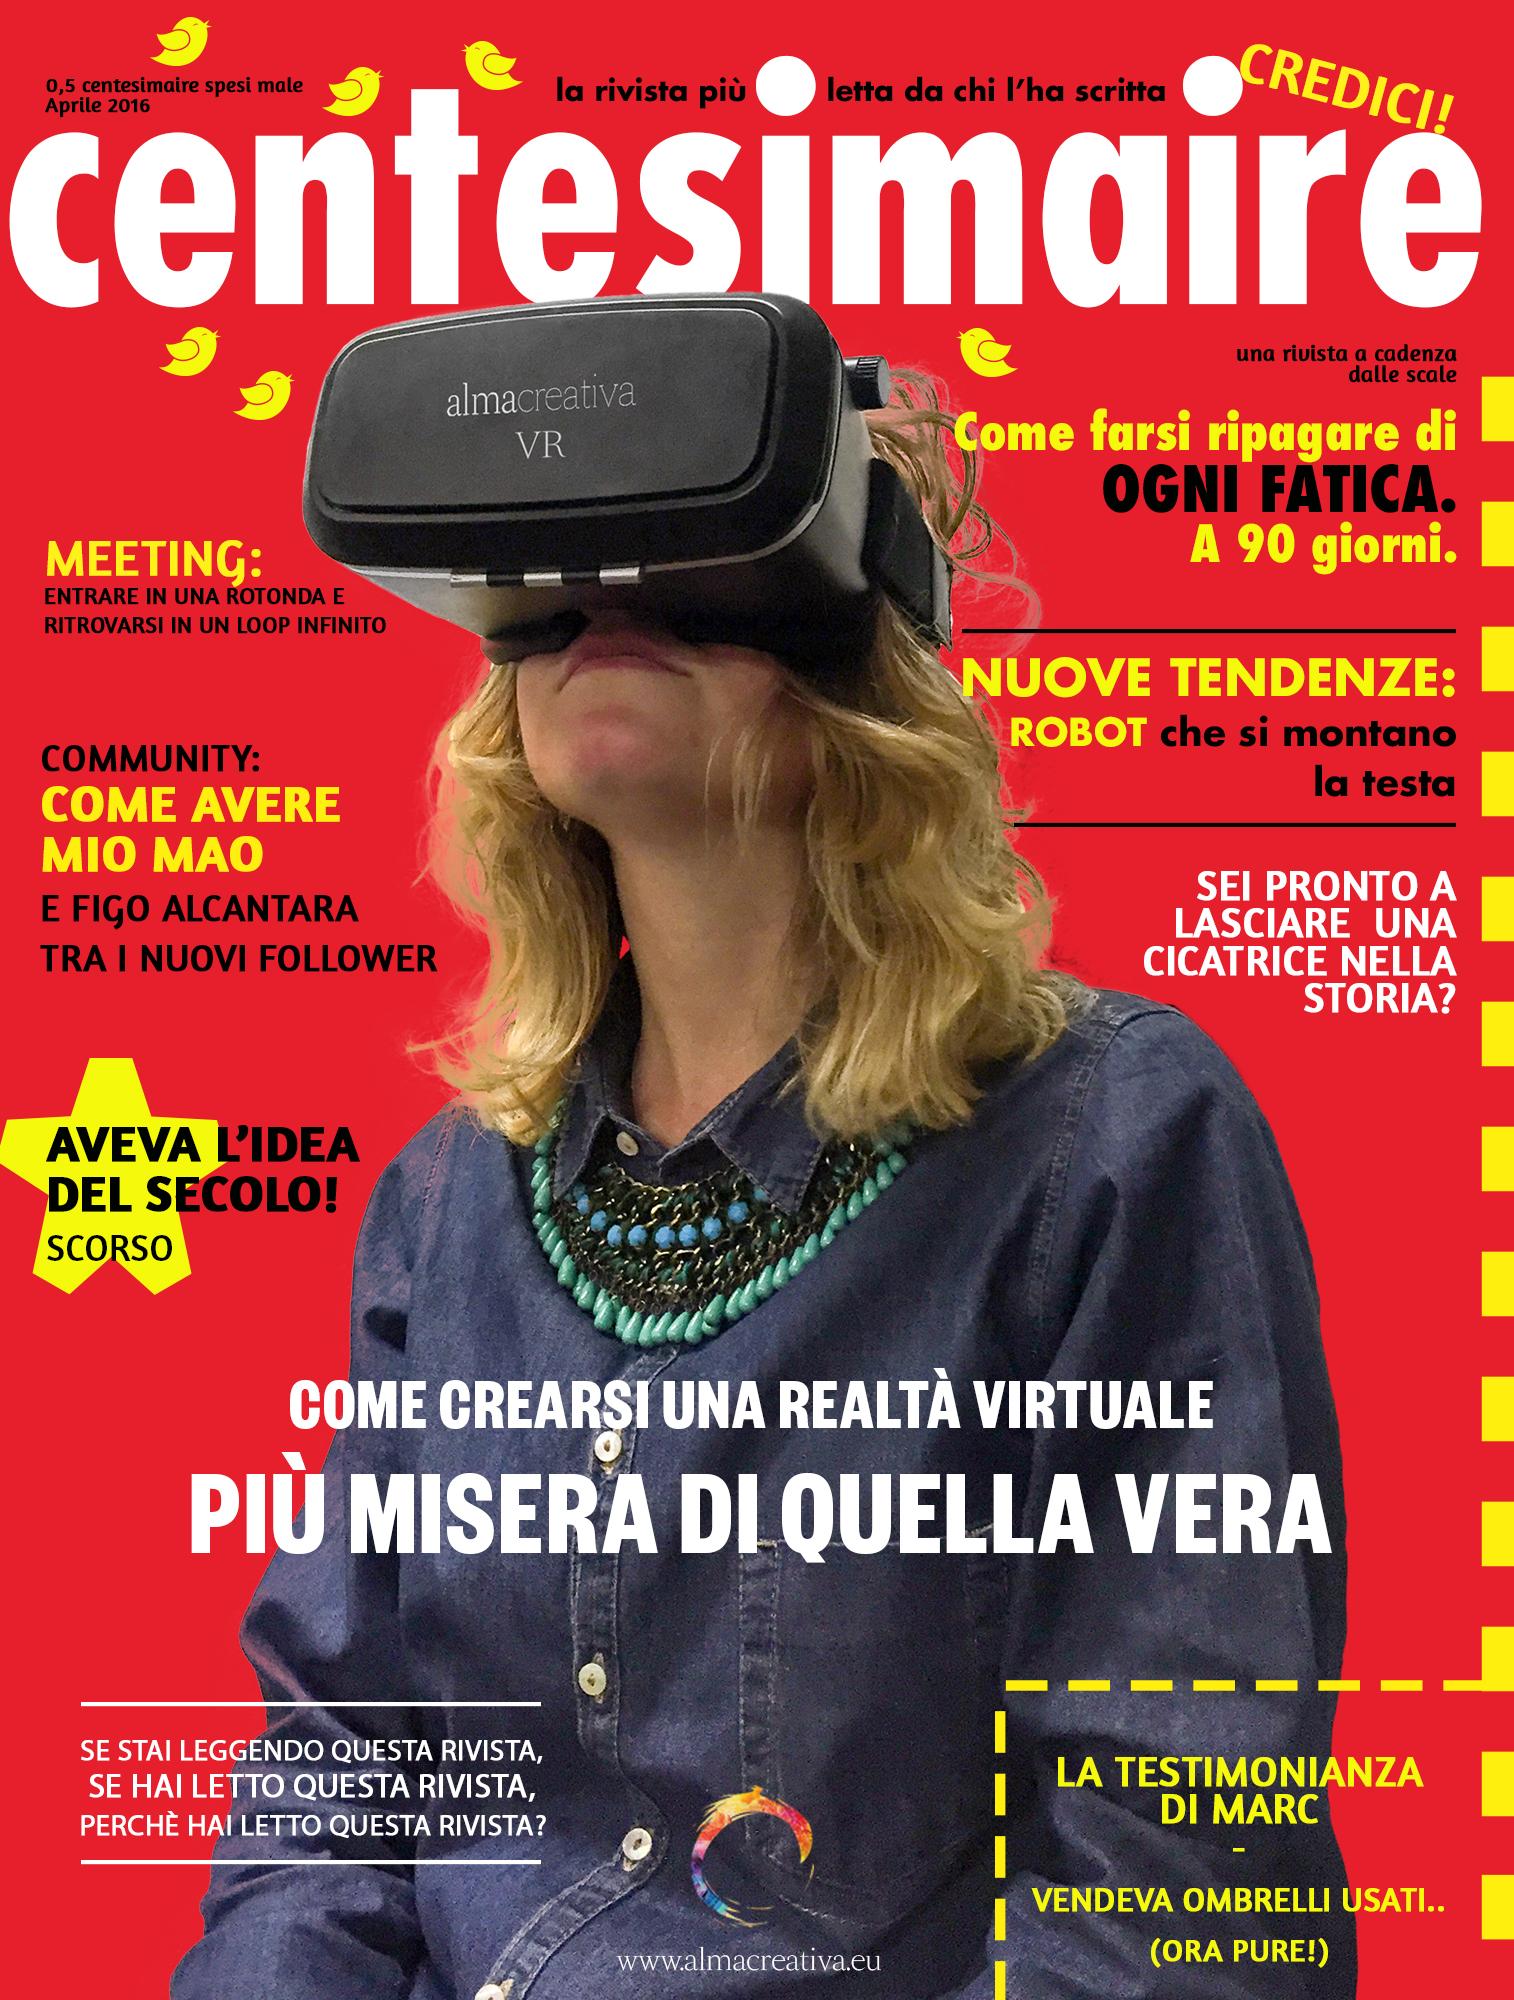 Centesimaire – il numero di Aprile 2016